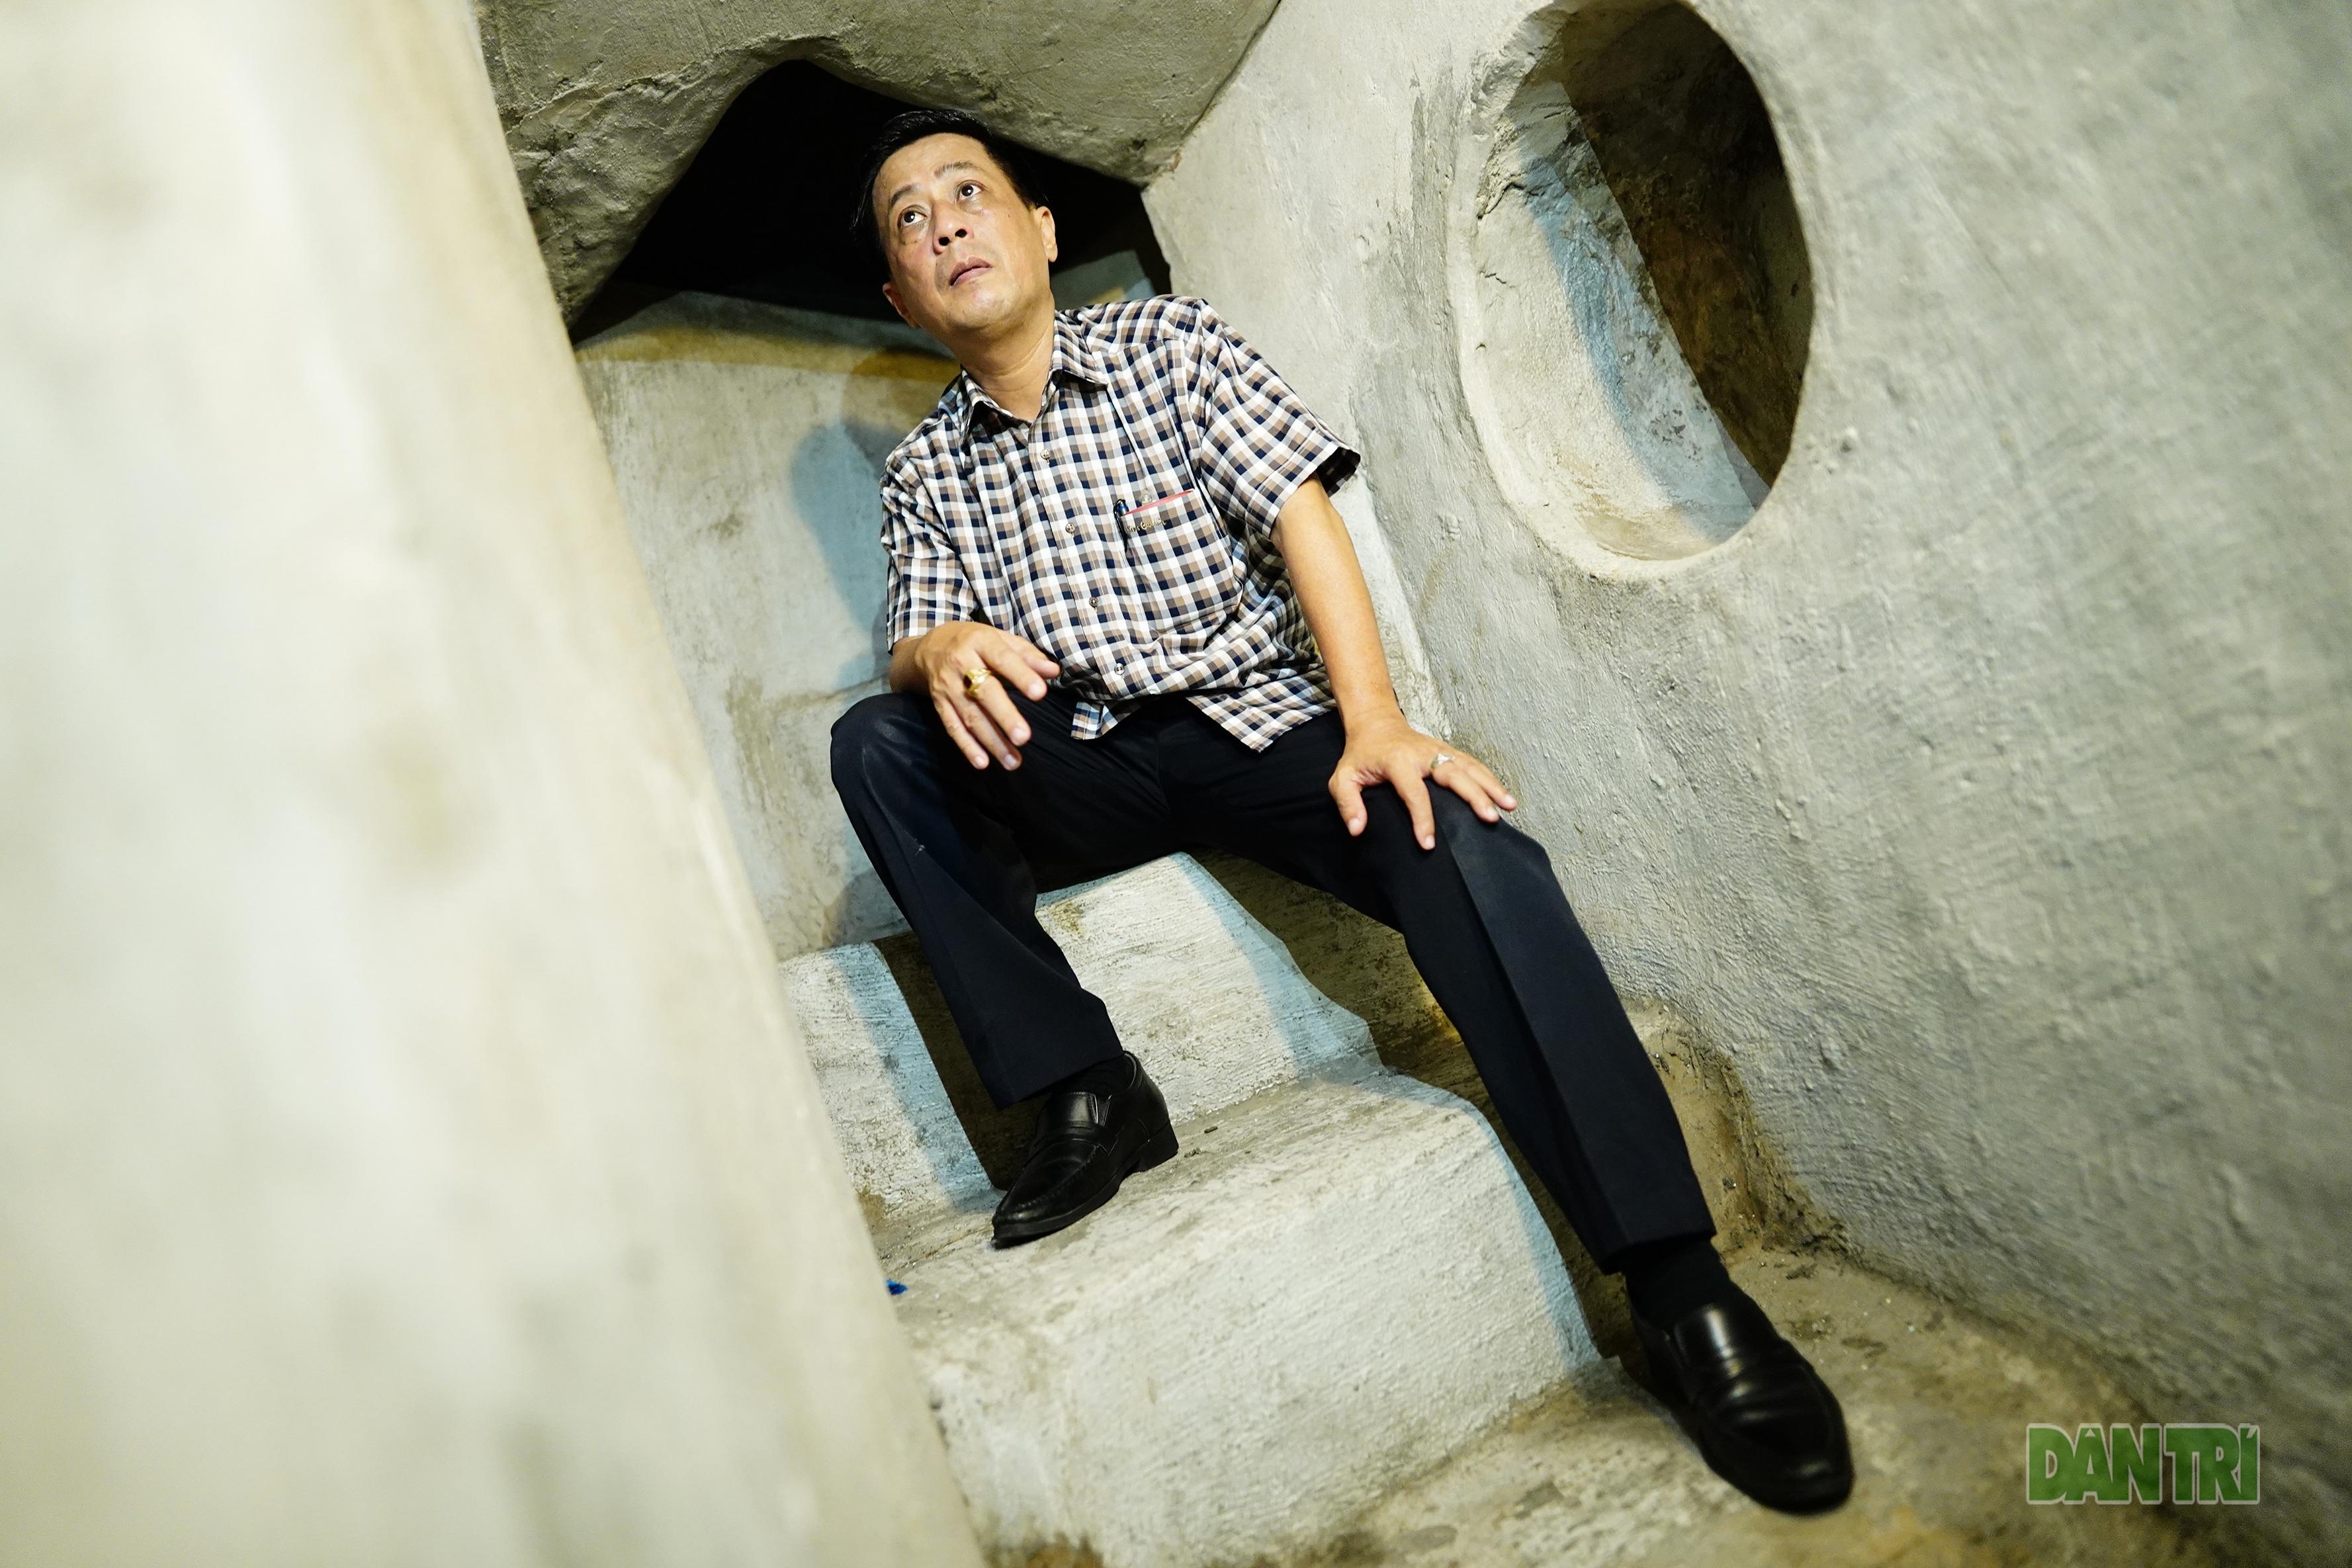 Những hồi tưởng xúc động về căn hầm bí mật của Biệt động Sài Gòn - 7